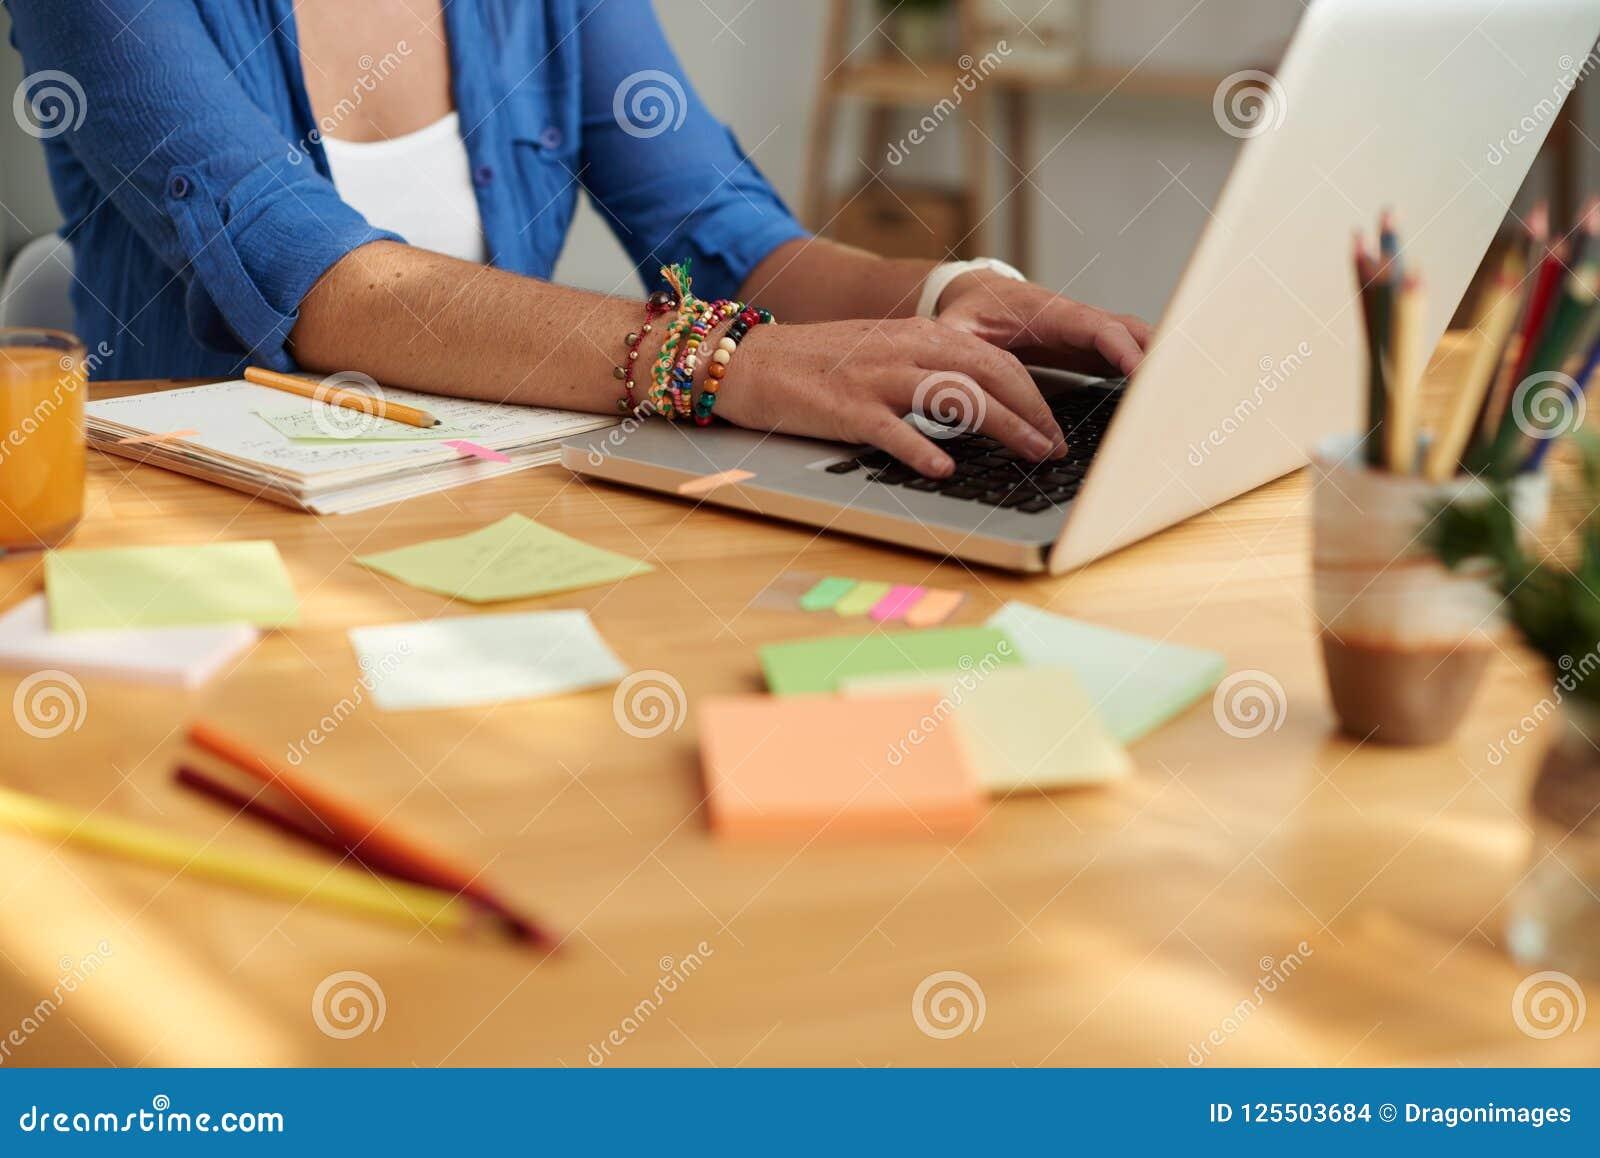 Lehrer, der an Laptop arbeitet